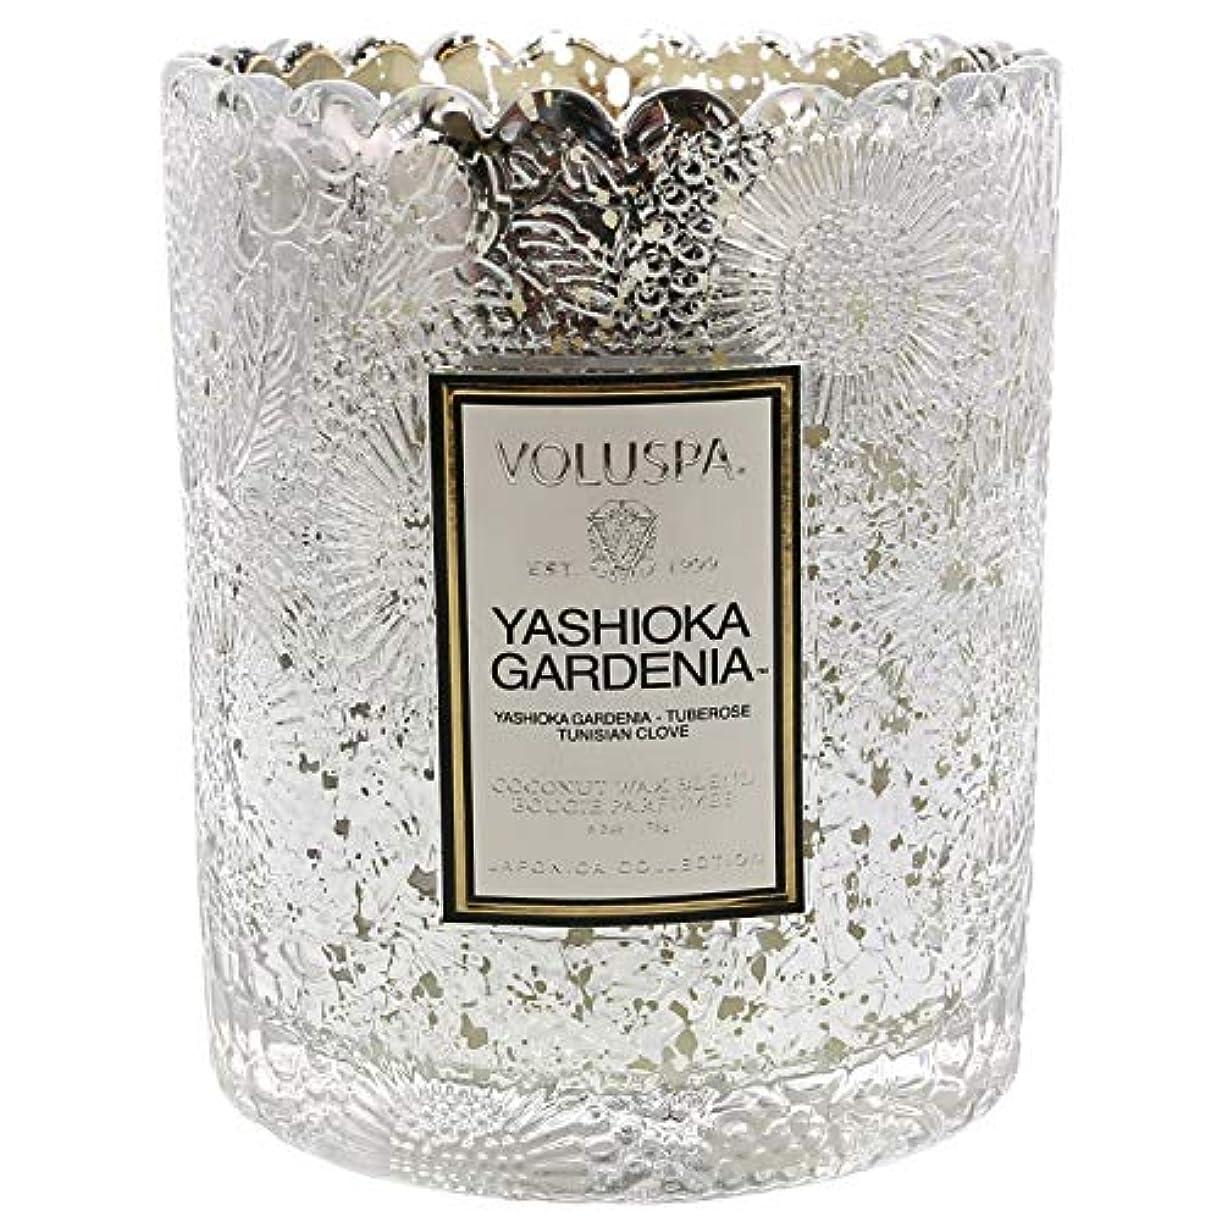 ビデオ廃止寺院Voluspa ボルスパ ジャポニカ リミテッド スカラップグラスキャンドル  ヤシオカガーデニア YASHIOKA GARDENIA JAPONICA Limited SCALLOPED EDGE Glass Candle